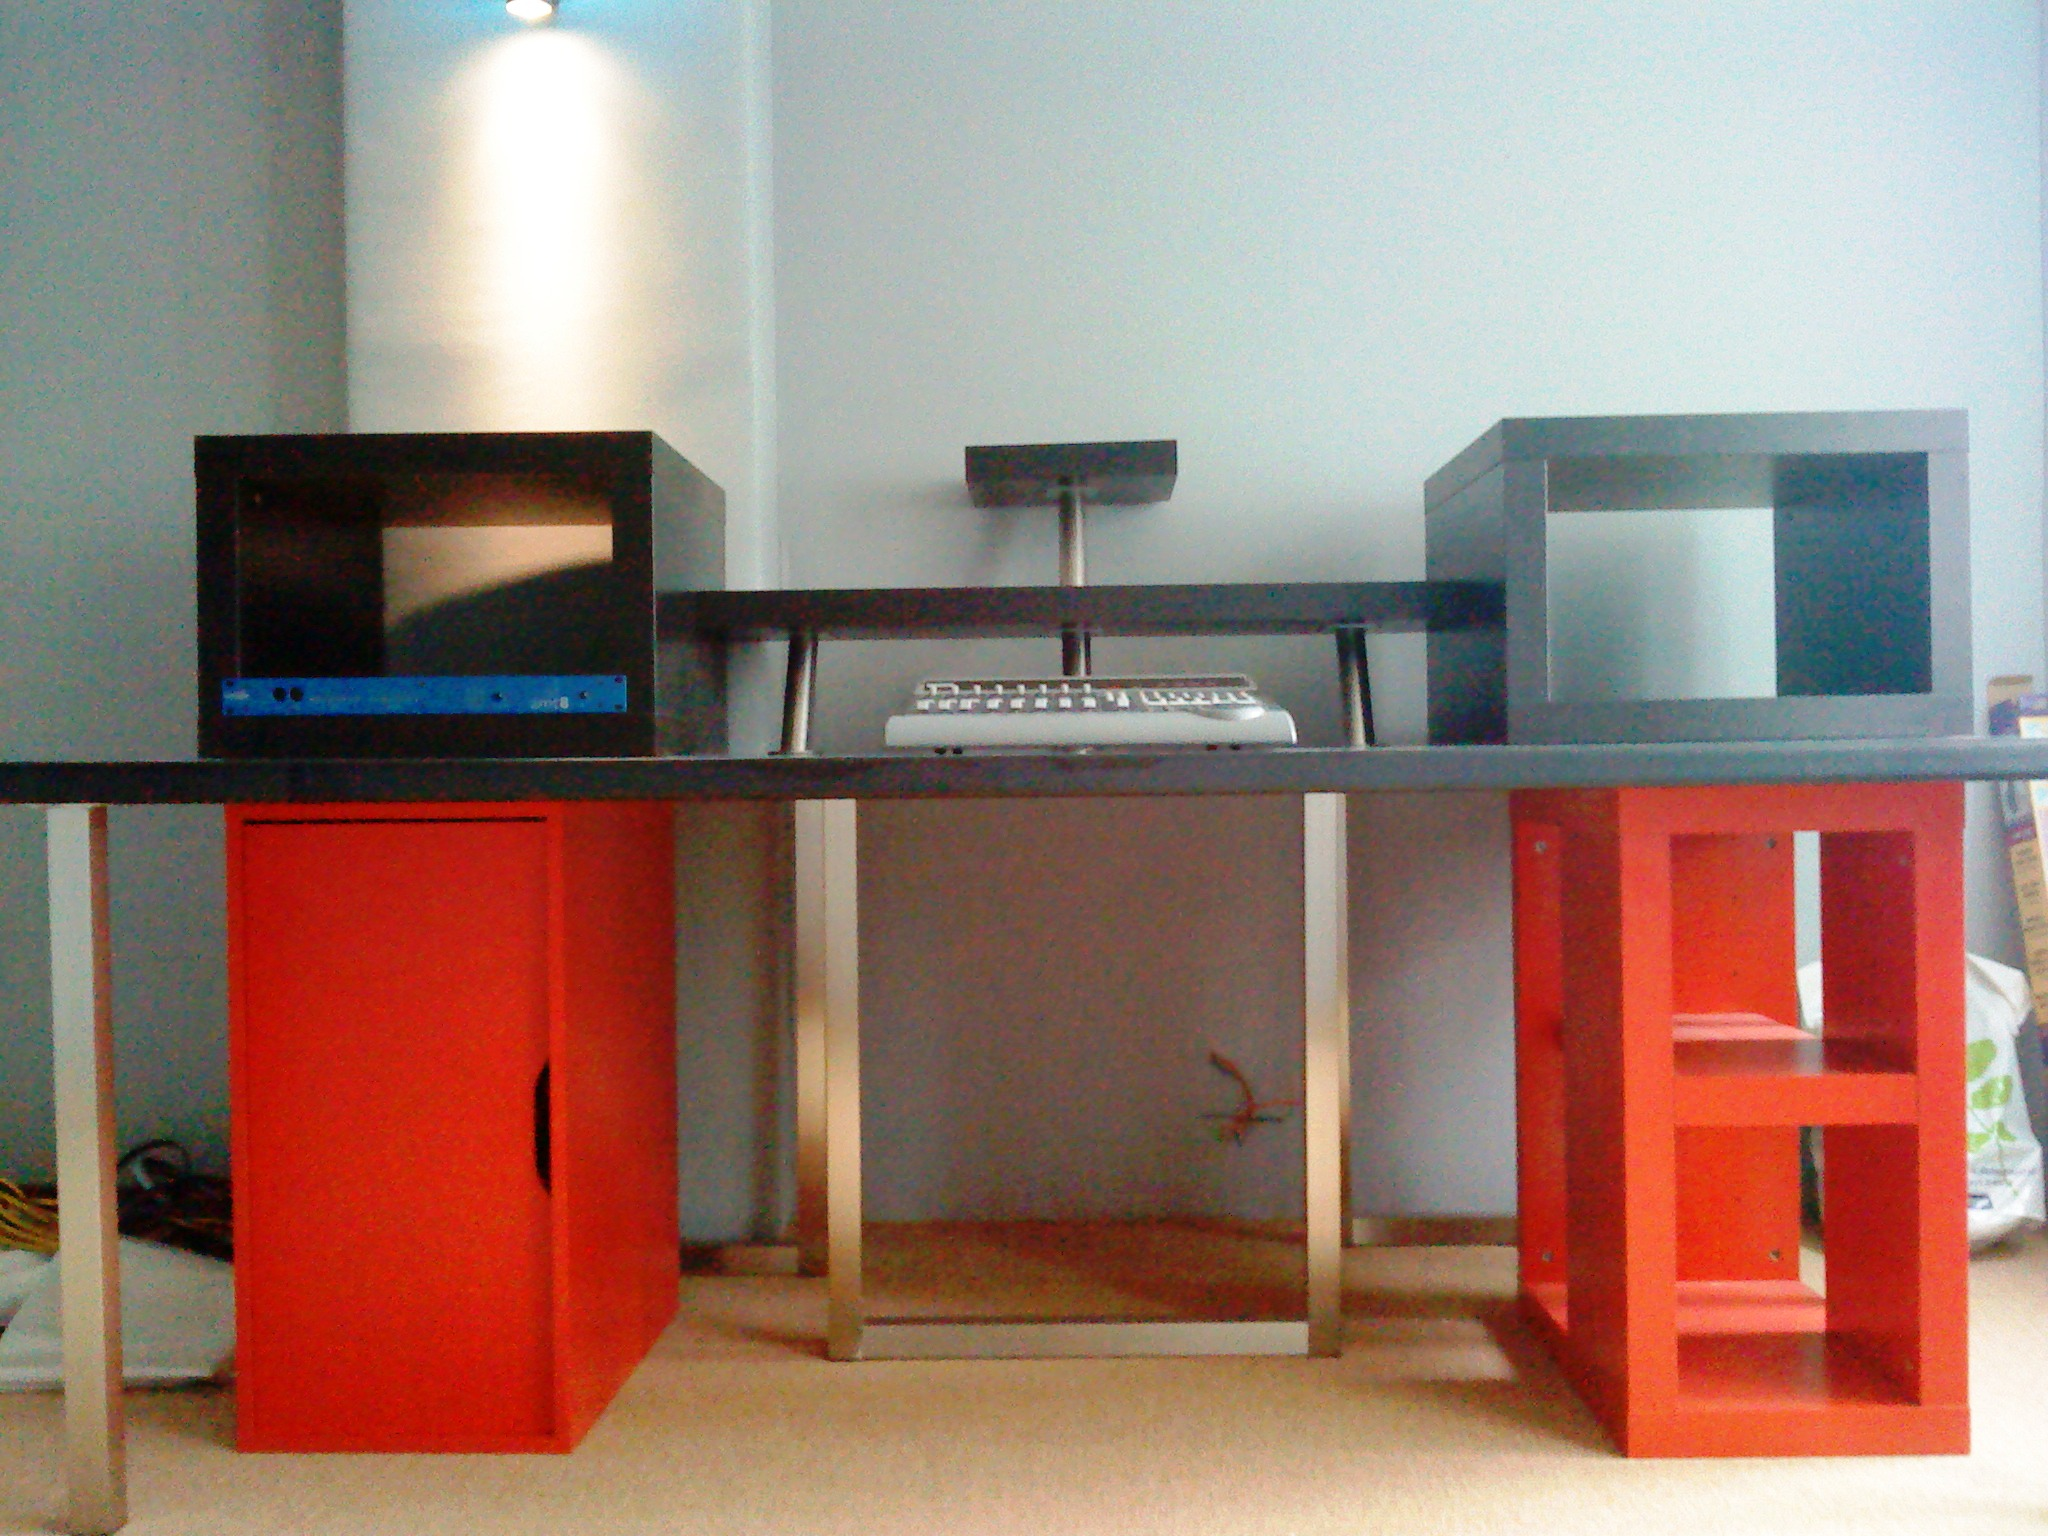 cr ation d 39 un home studio de 55m2 en image forum mobilier accessoires am nagement. Black Bedroom Furniture Sets. Home Design Ideas